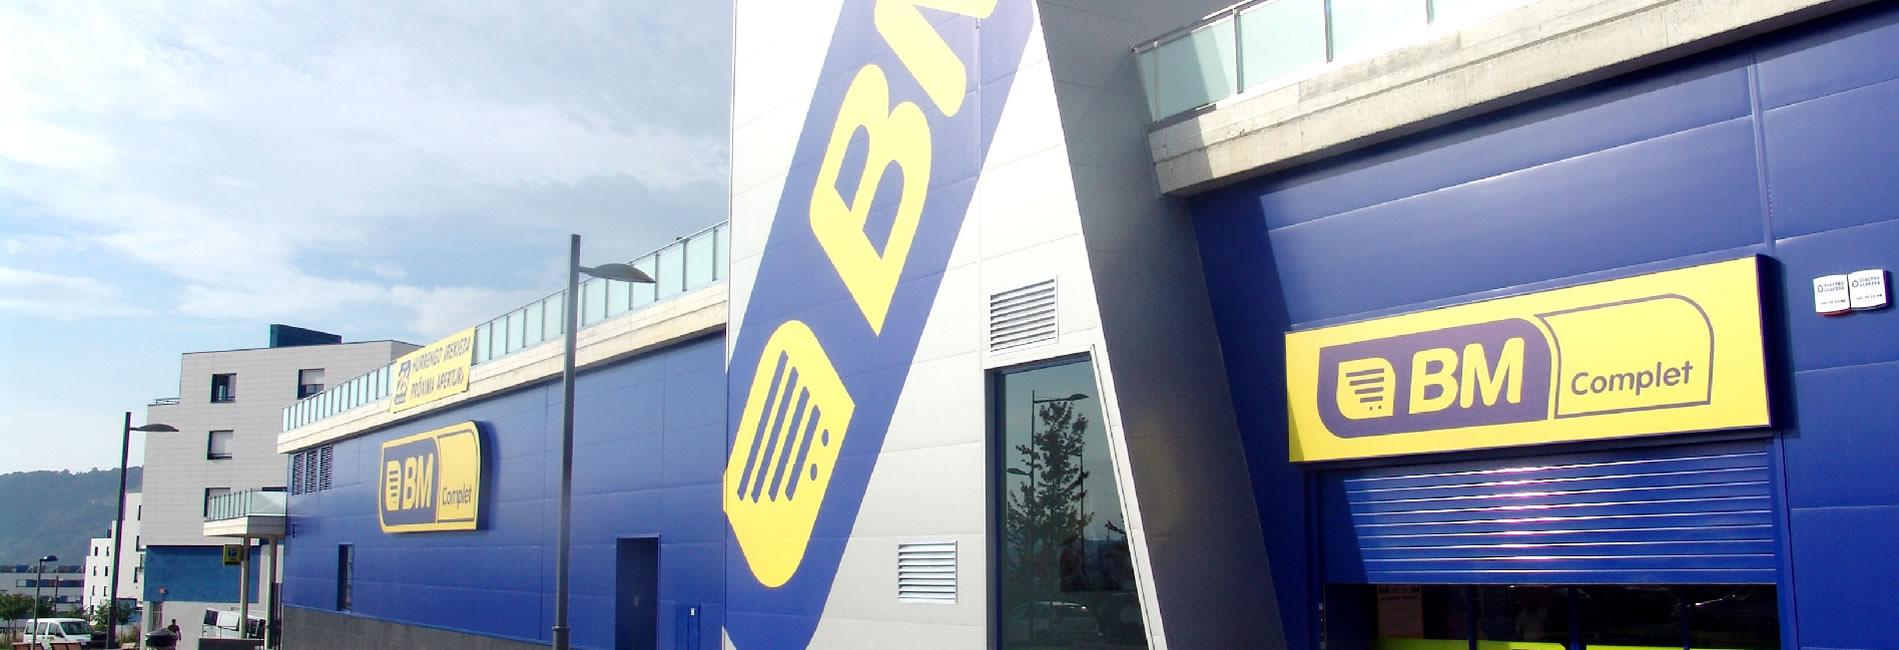 Industrias del Acero Cianco a instalado todo el mobiliario para alimentación fabricado en acero inoxidable para el centro comercial BM Pagola en San Sebastián